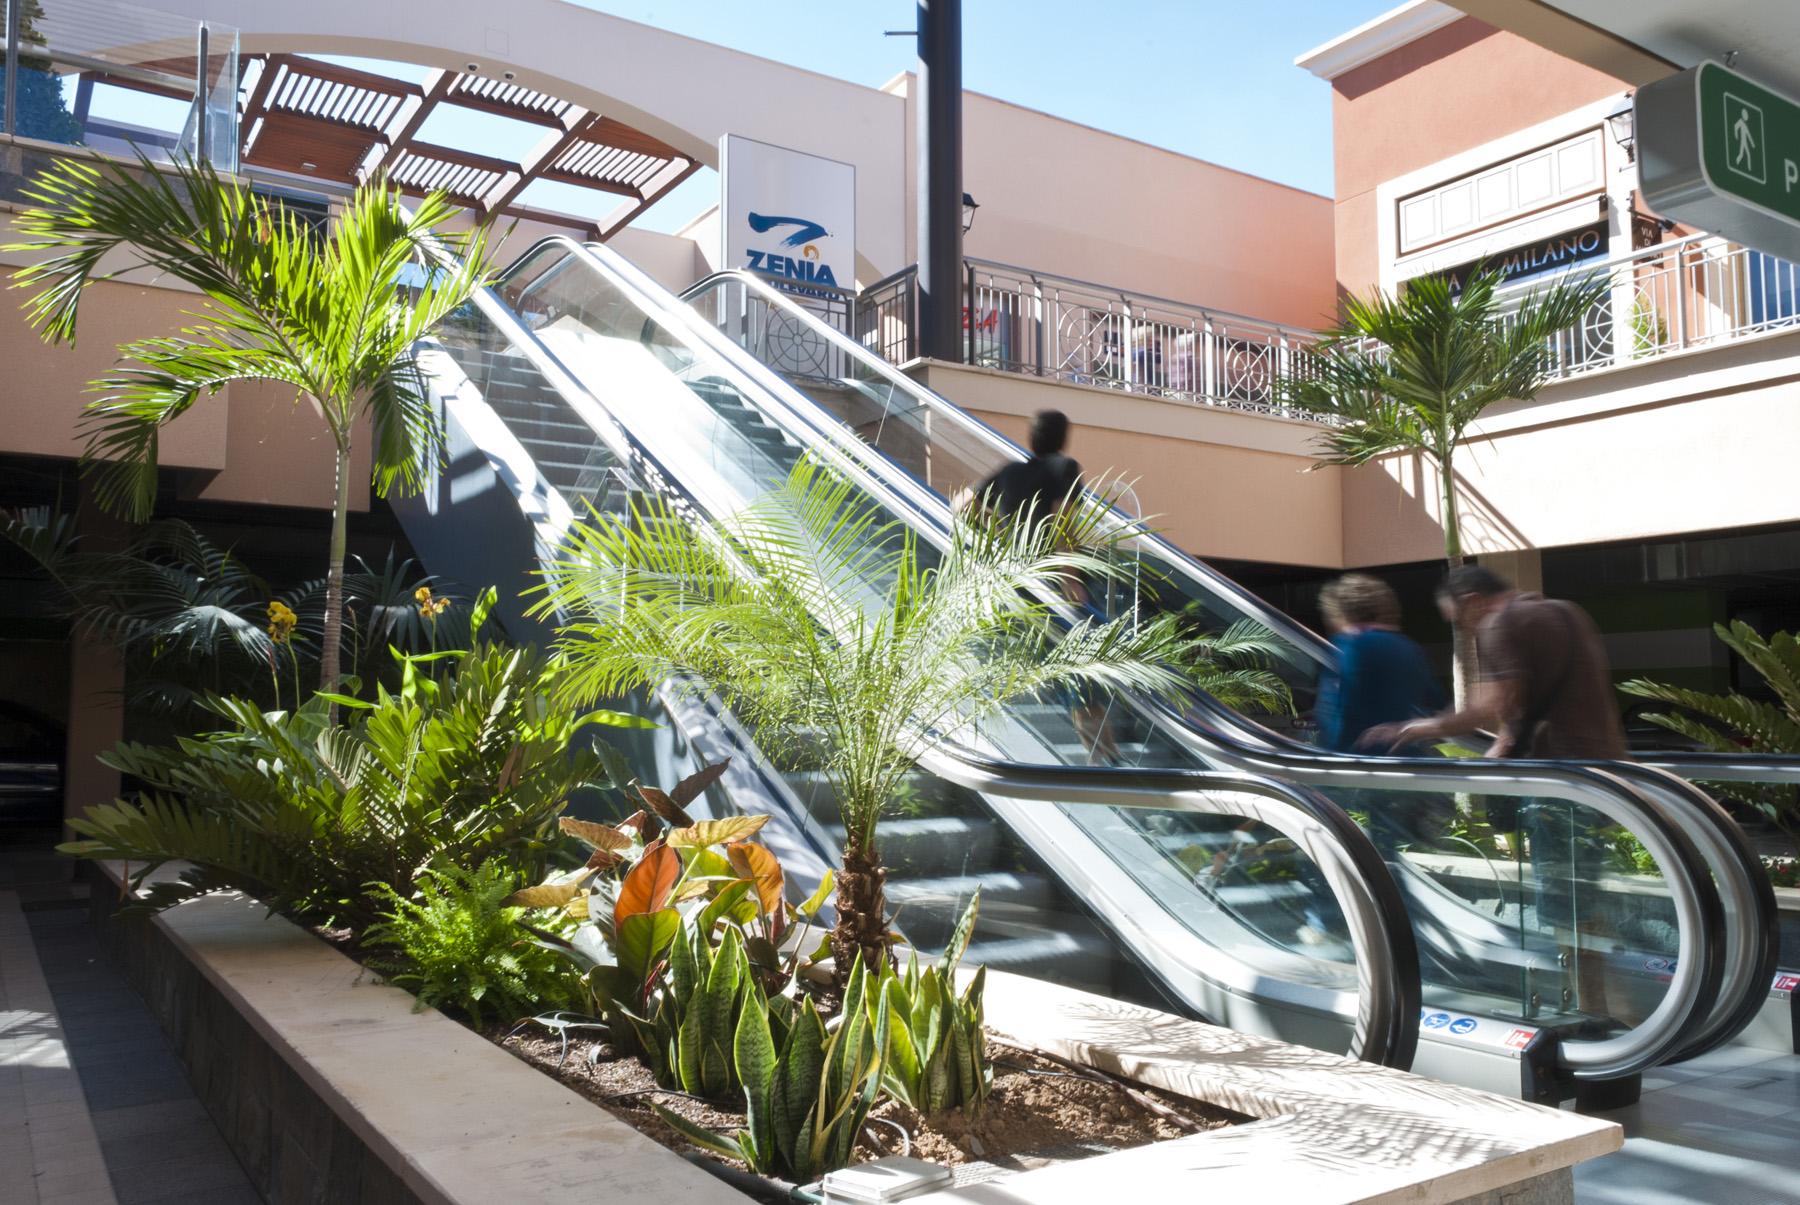 Proyecto de paisajismo para centro comercial zenia - Diseno jardines madrid ...